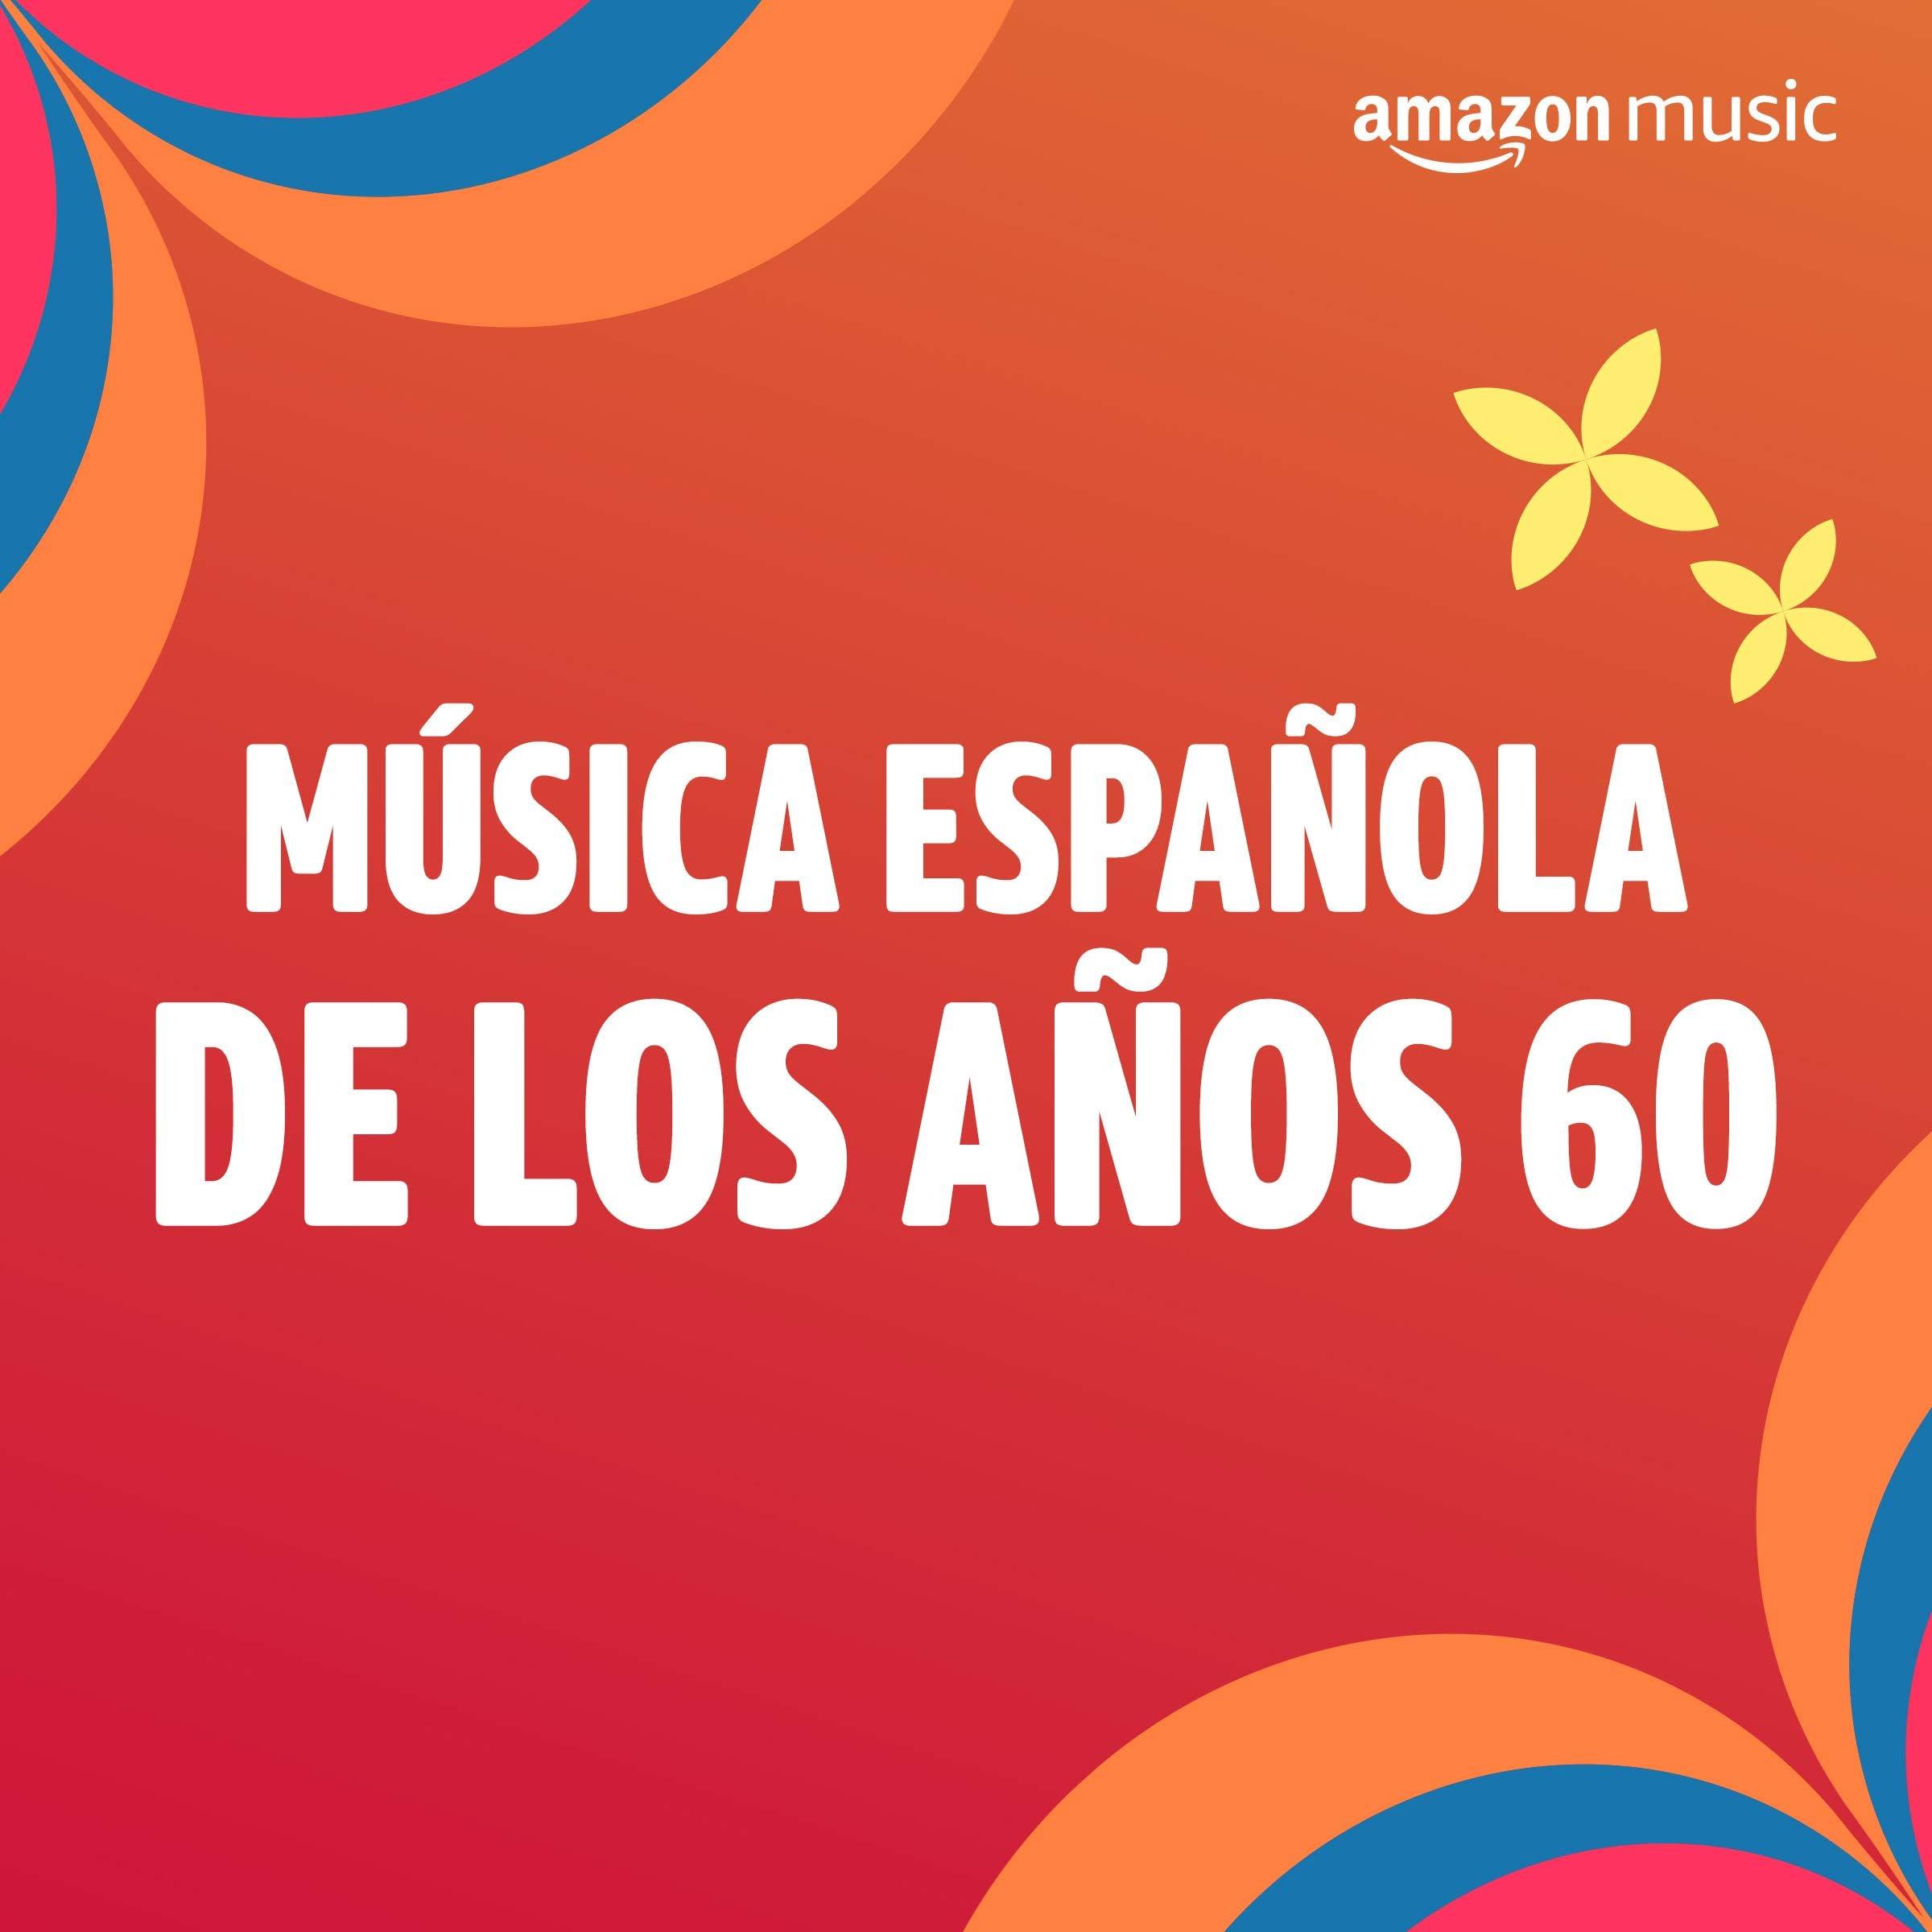 Música española de los años 60